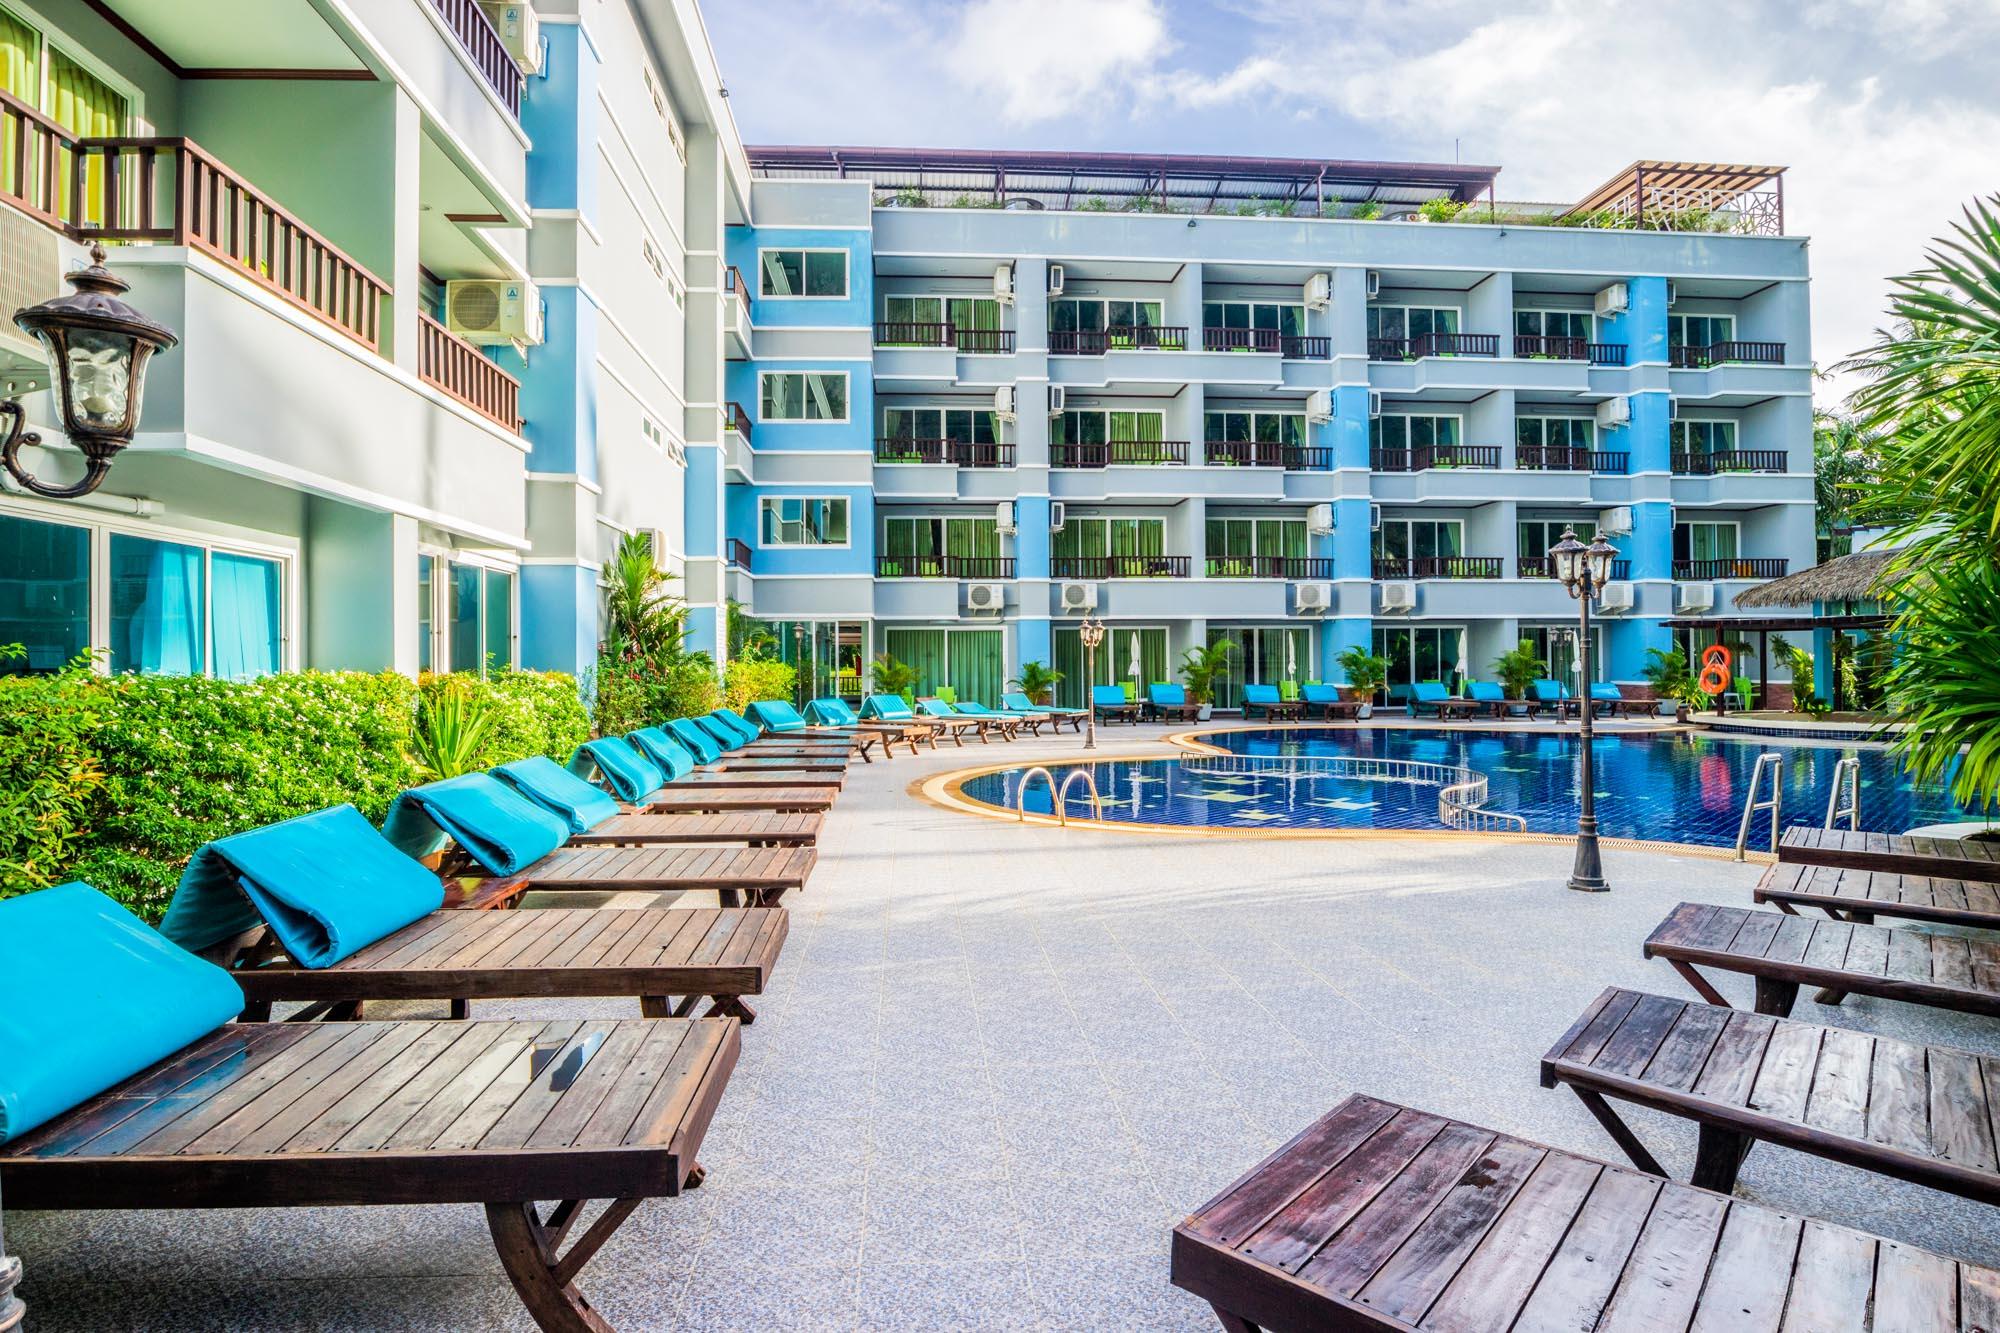 Halal Resort in Krabi รีวิวโรงแรมมุสลิม อ่าวนาง ซิลเวอร์ ออคิด รีสอร์ท โรงแรมฮาลาล กระบี่  Aonang Silver Orchid Resort  อ่าวนาง ซิลเวอร์ ออคิด รีสอร์ท IMG 6652